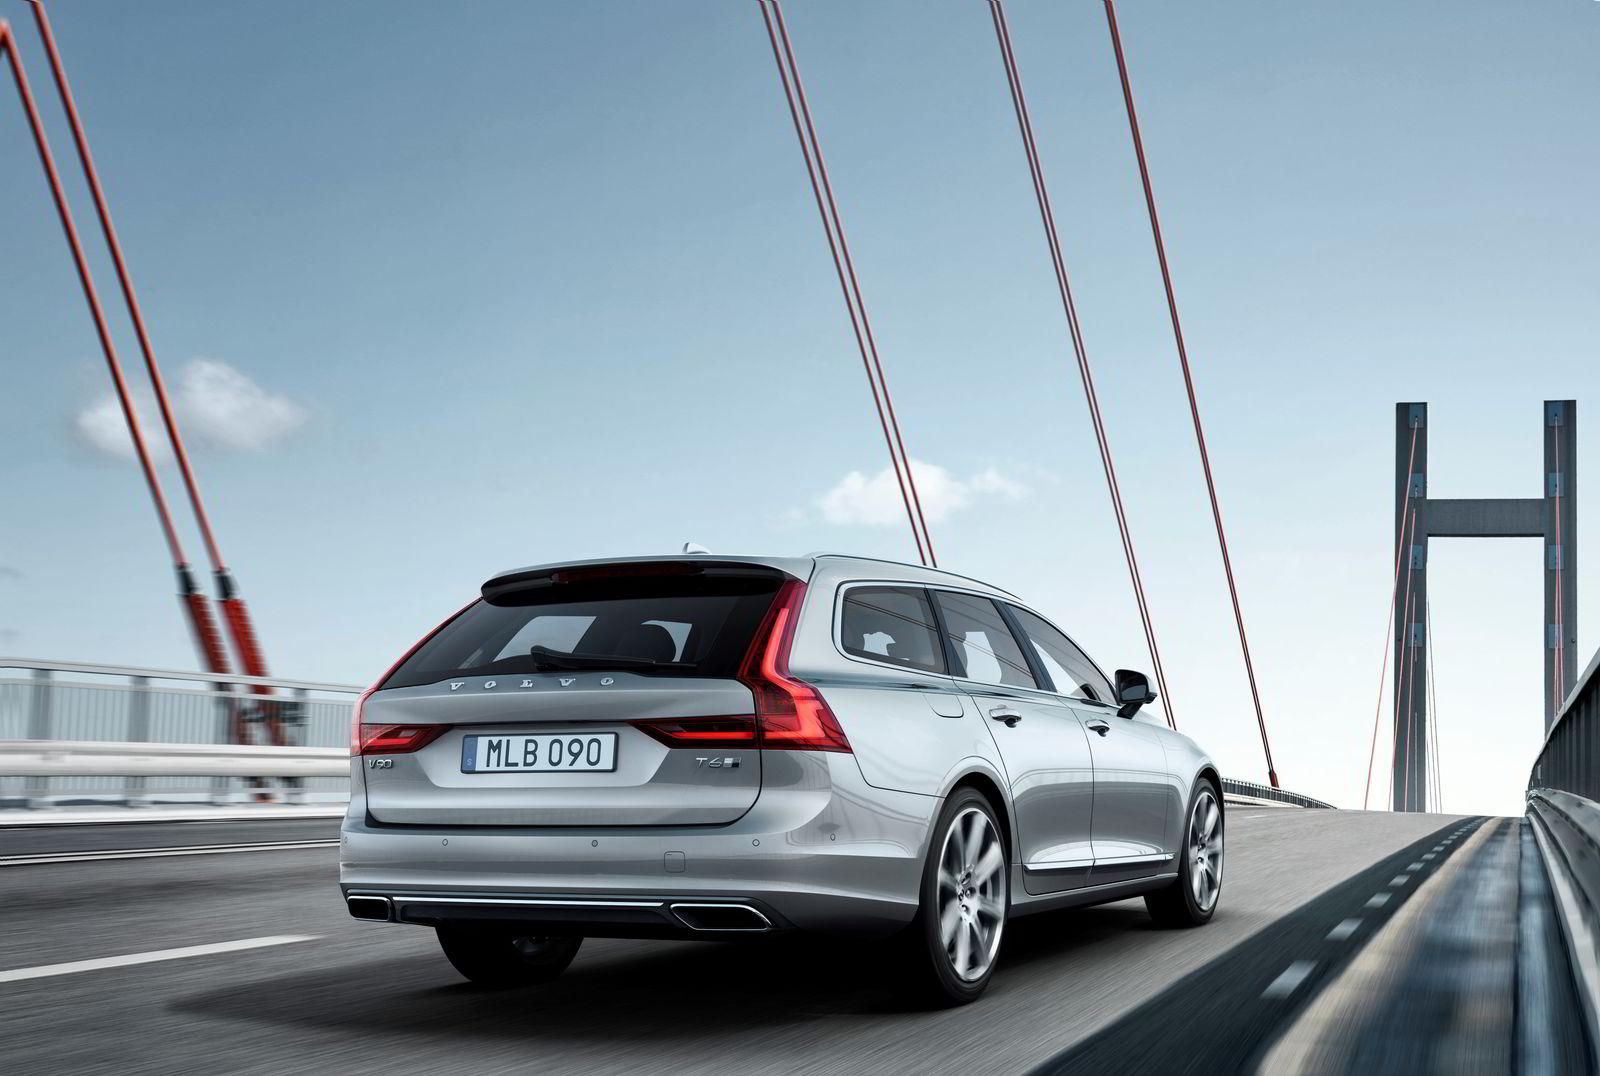 Alle foto: Volvo